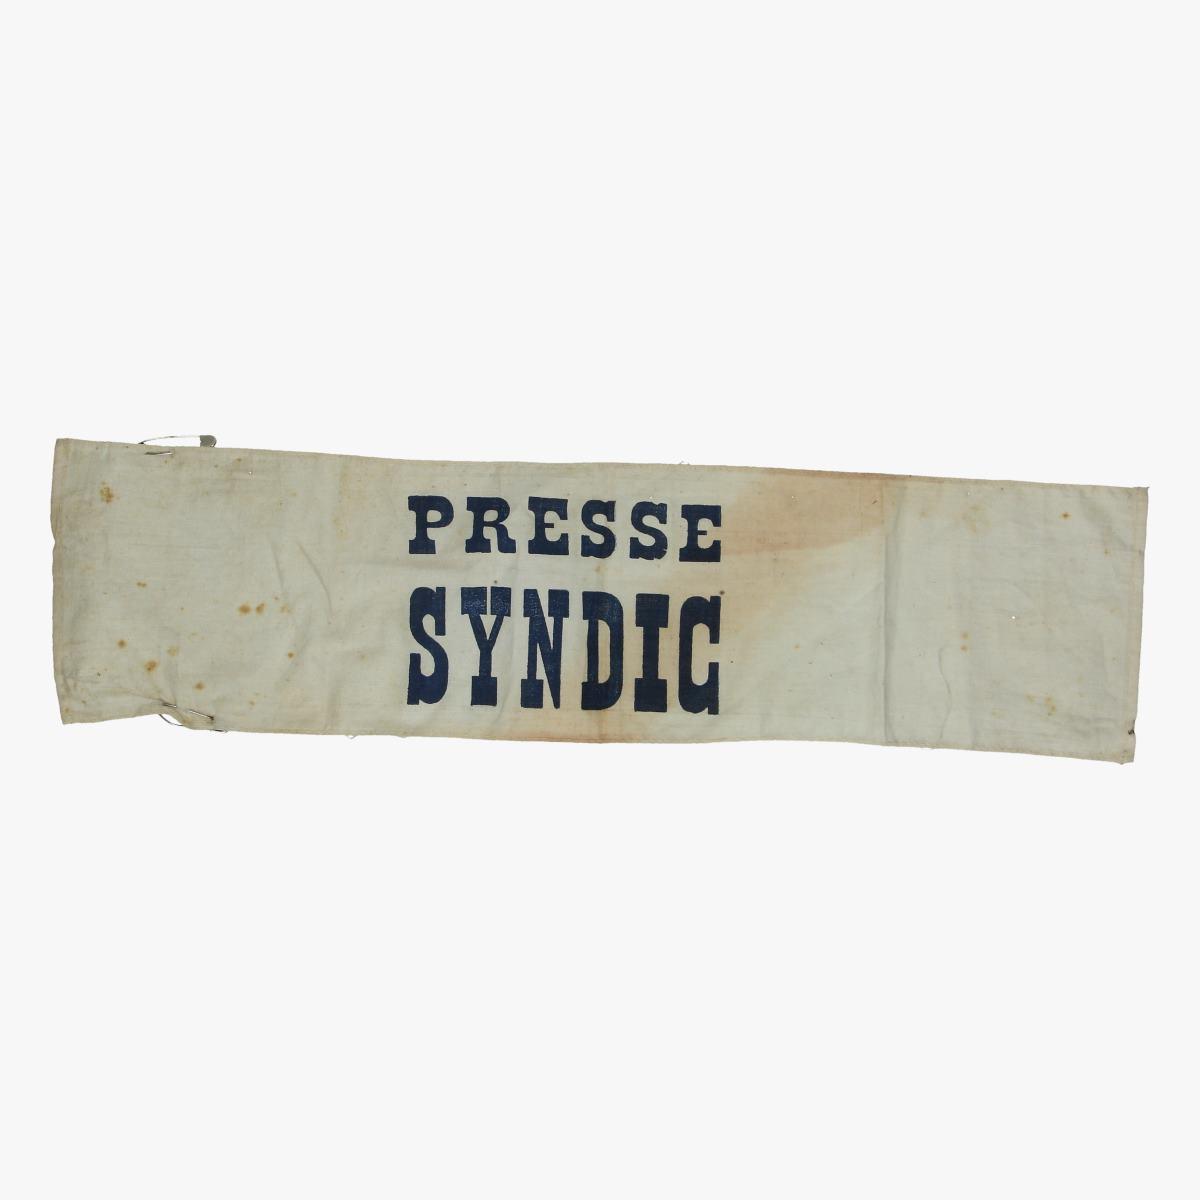 Afbeeldingen van wielrenner  oude doek rug sponsor presse sindic